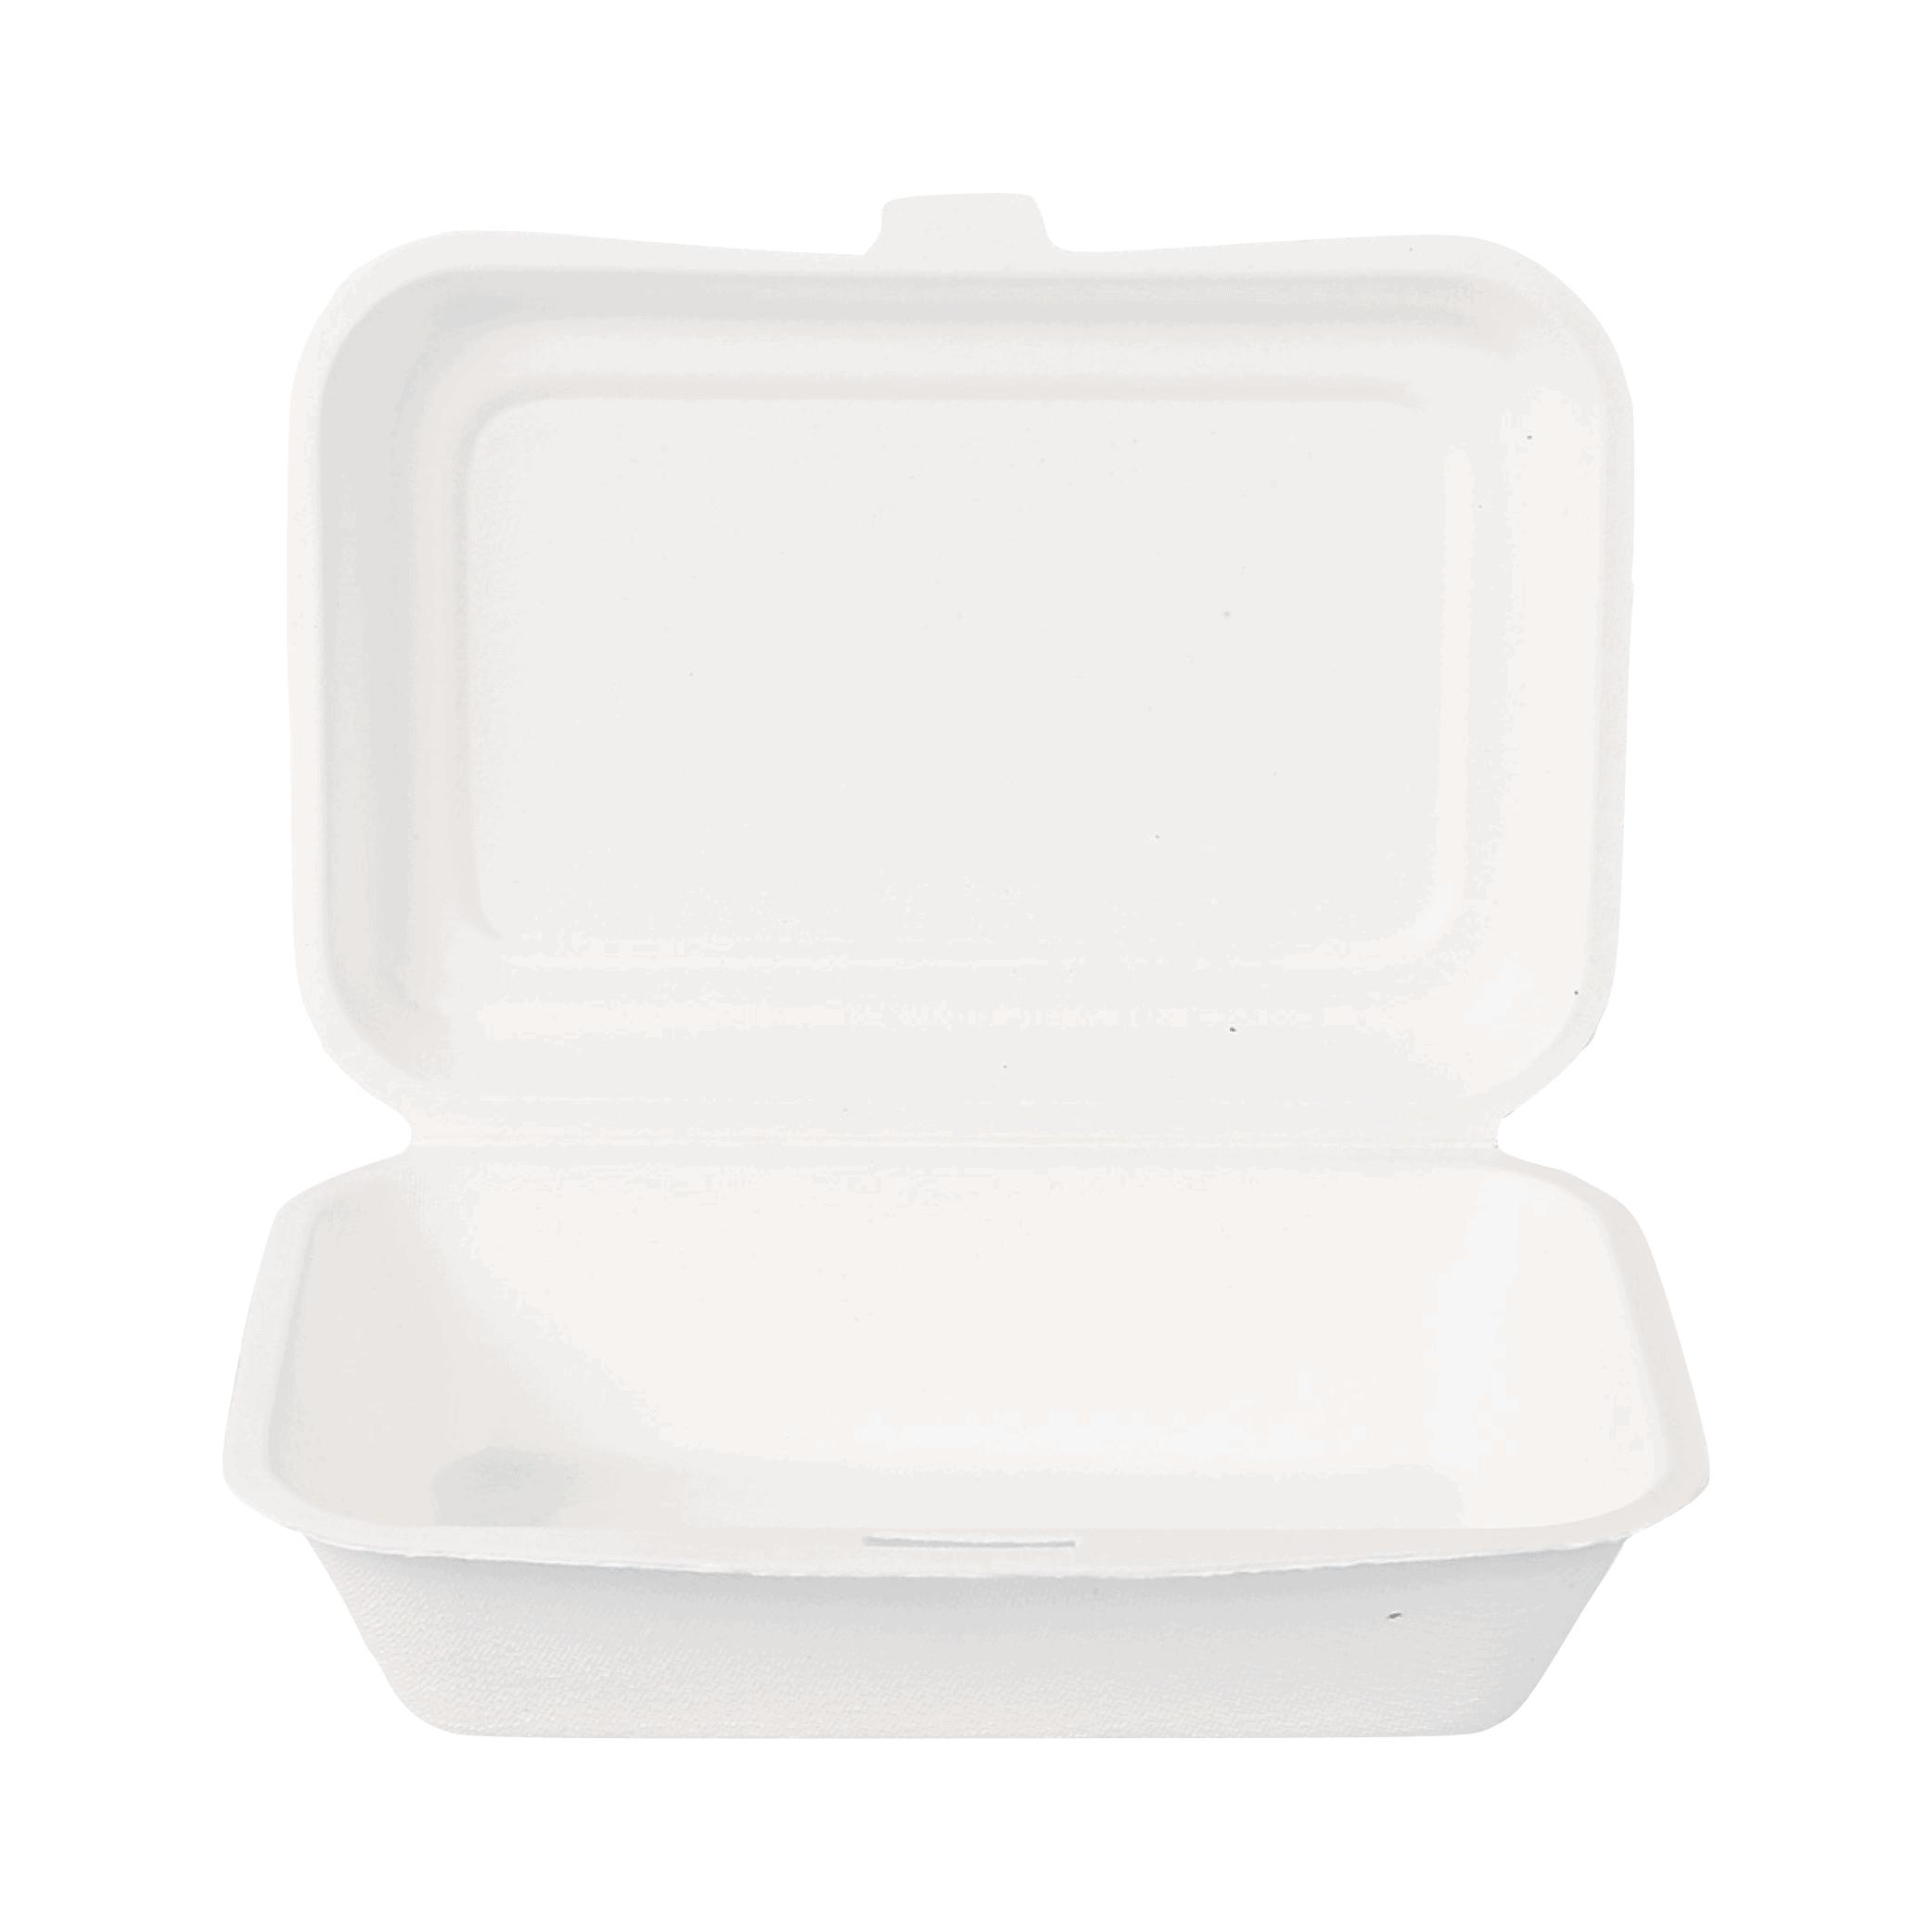 Biorazgradljiva posodica Single | Sladkorni trs | 12,5 x 17 x 4.9 cm | 50/1